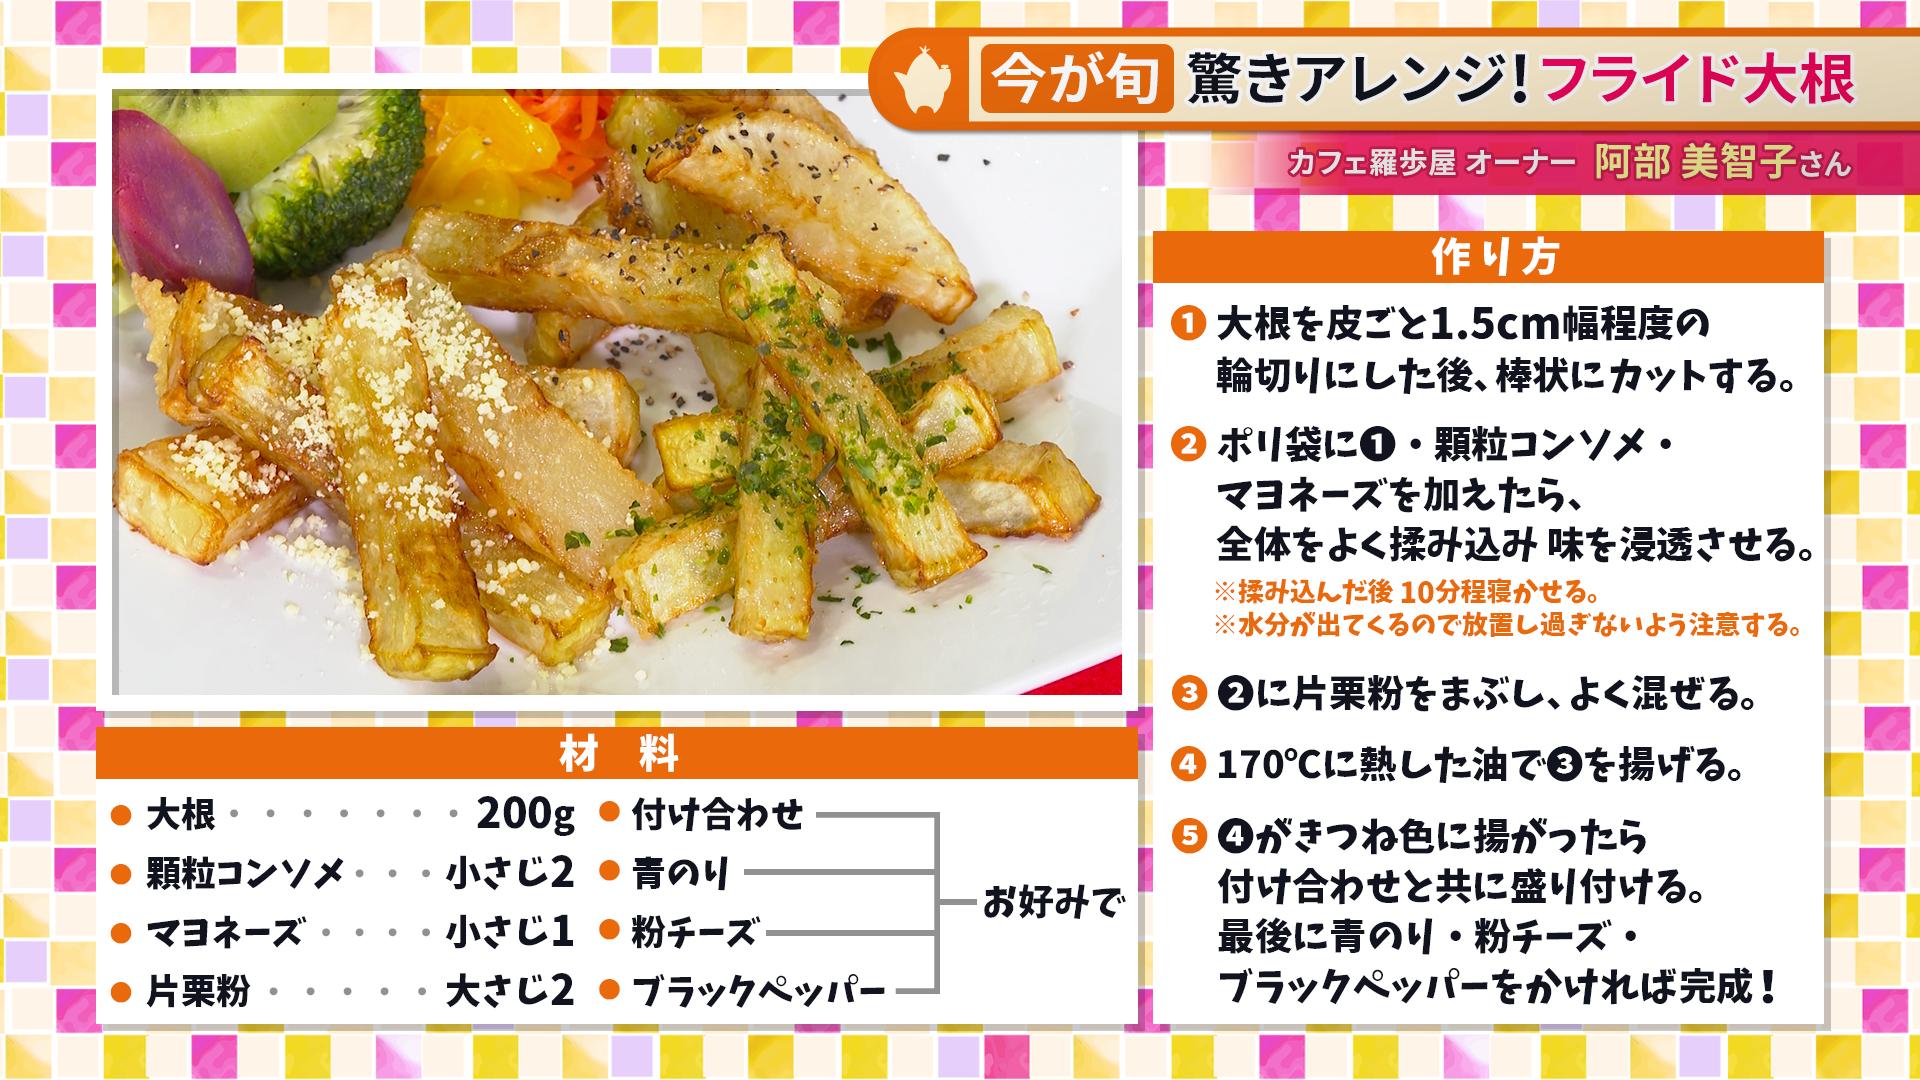 たけナビ『フライド大根』レシピ(3/2初回放送)